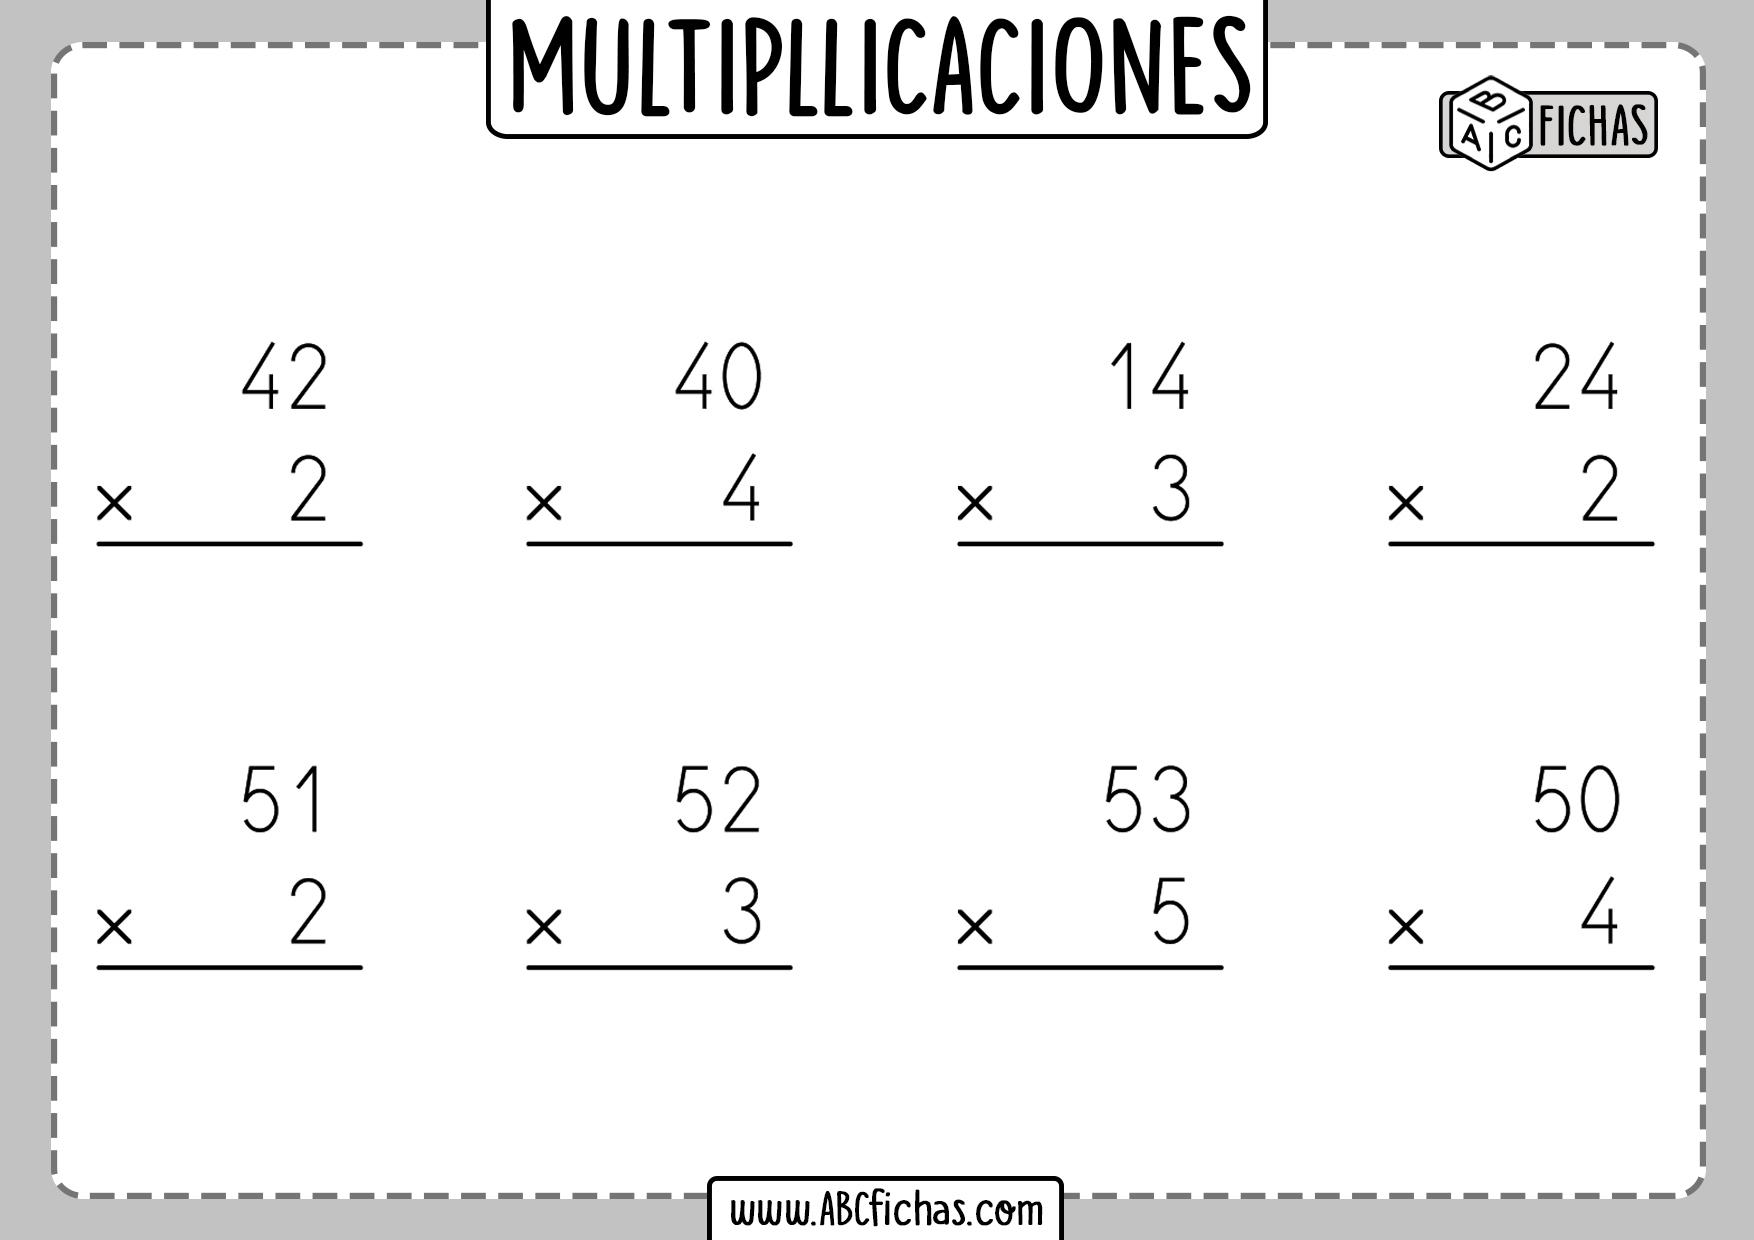 Multiplicaciones de 1 cifra para imprimir